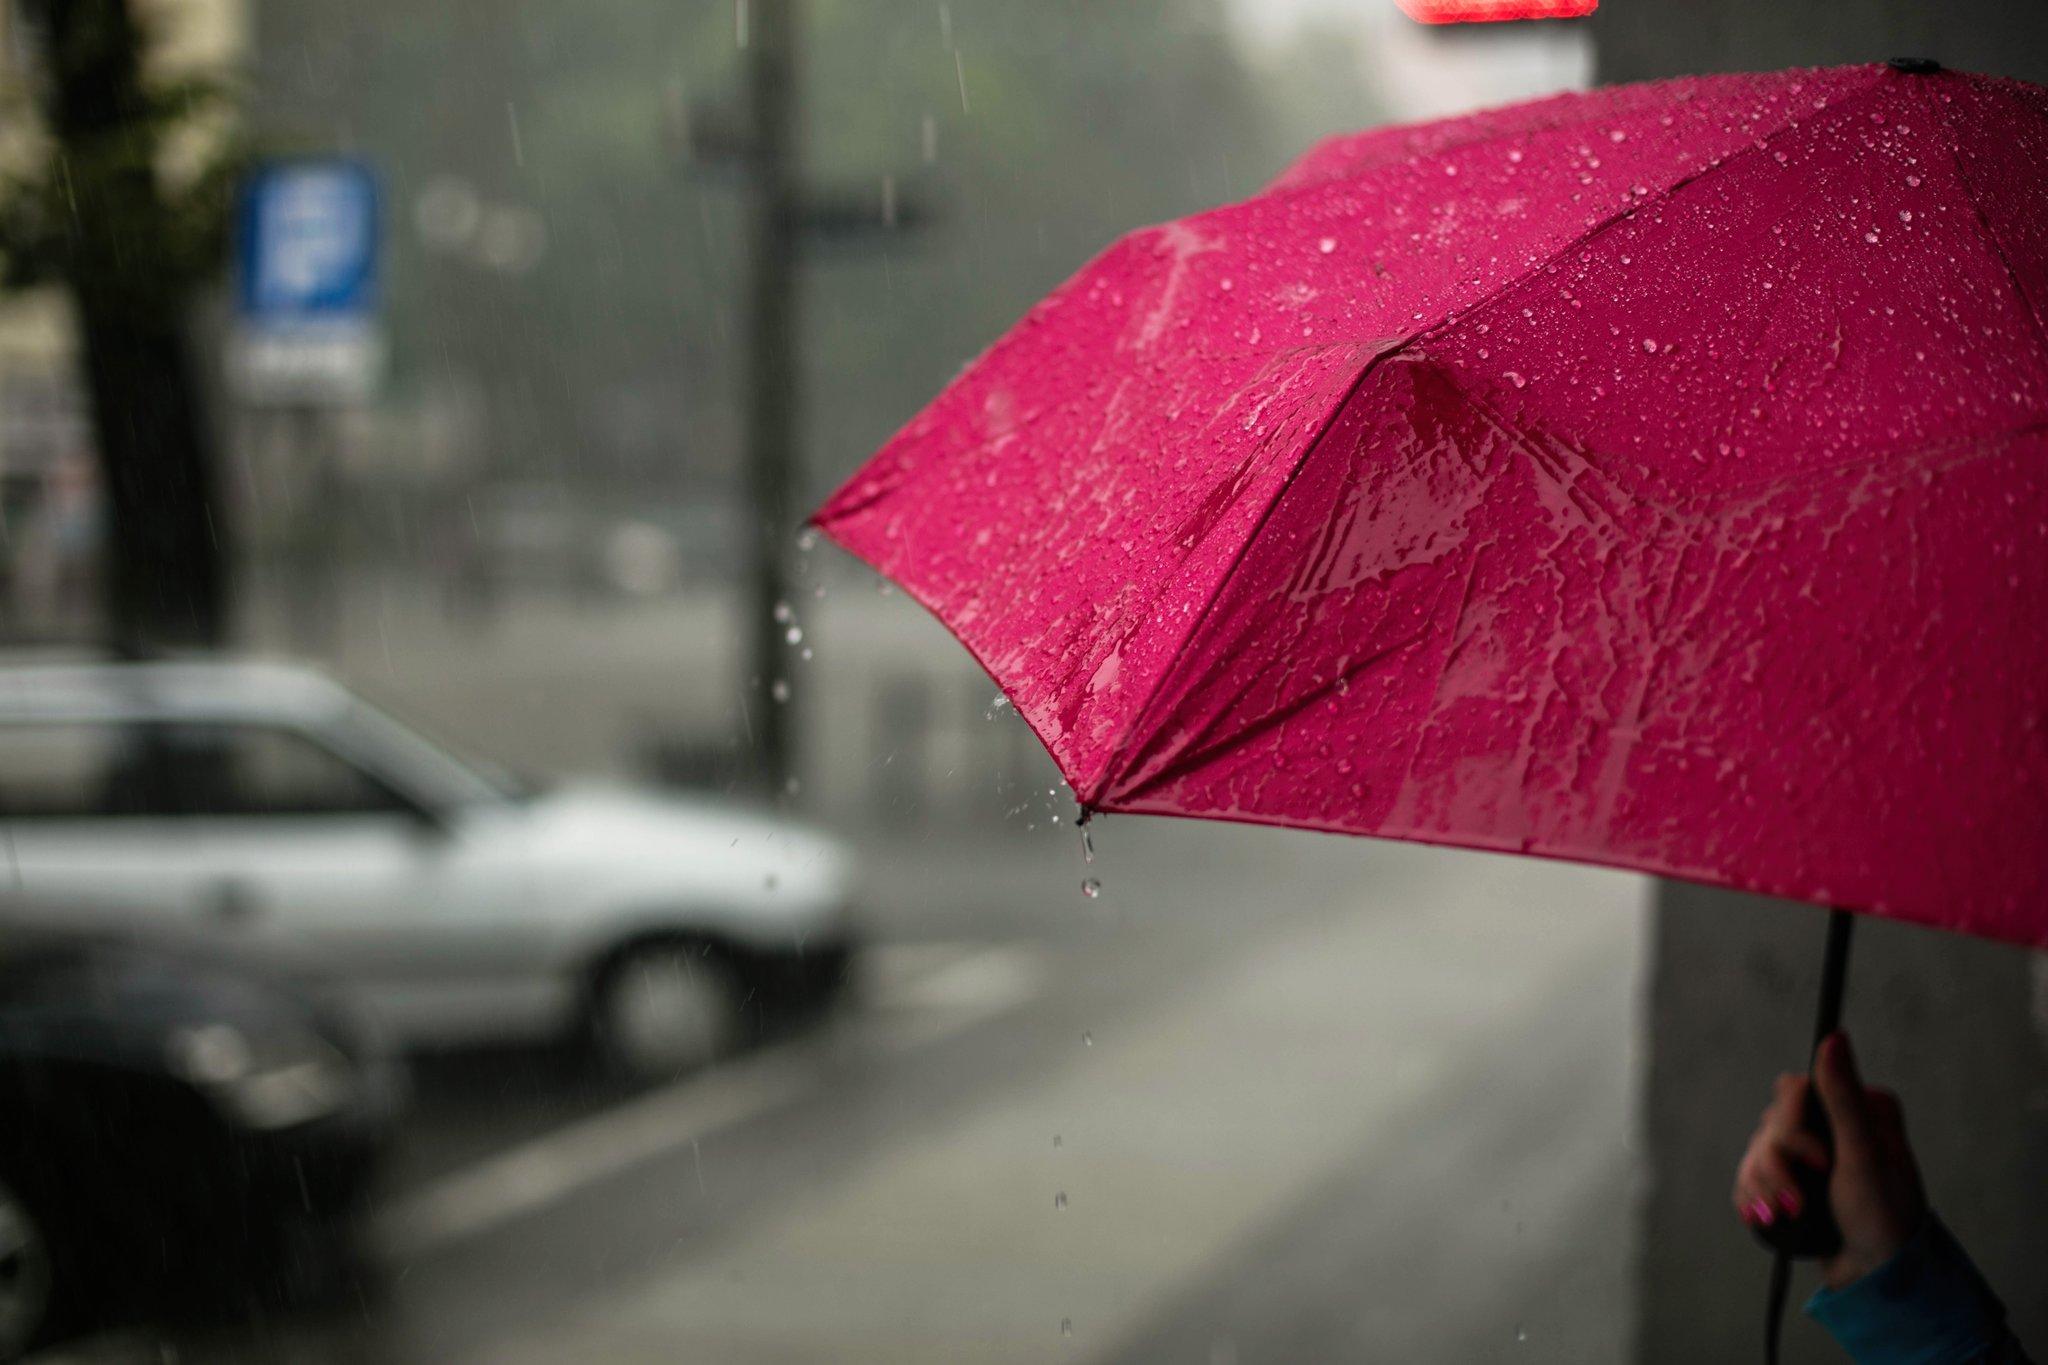 Aktivitäten Bei Schlechtem Wetter In Hessen